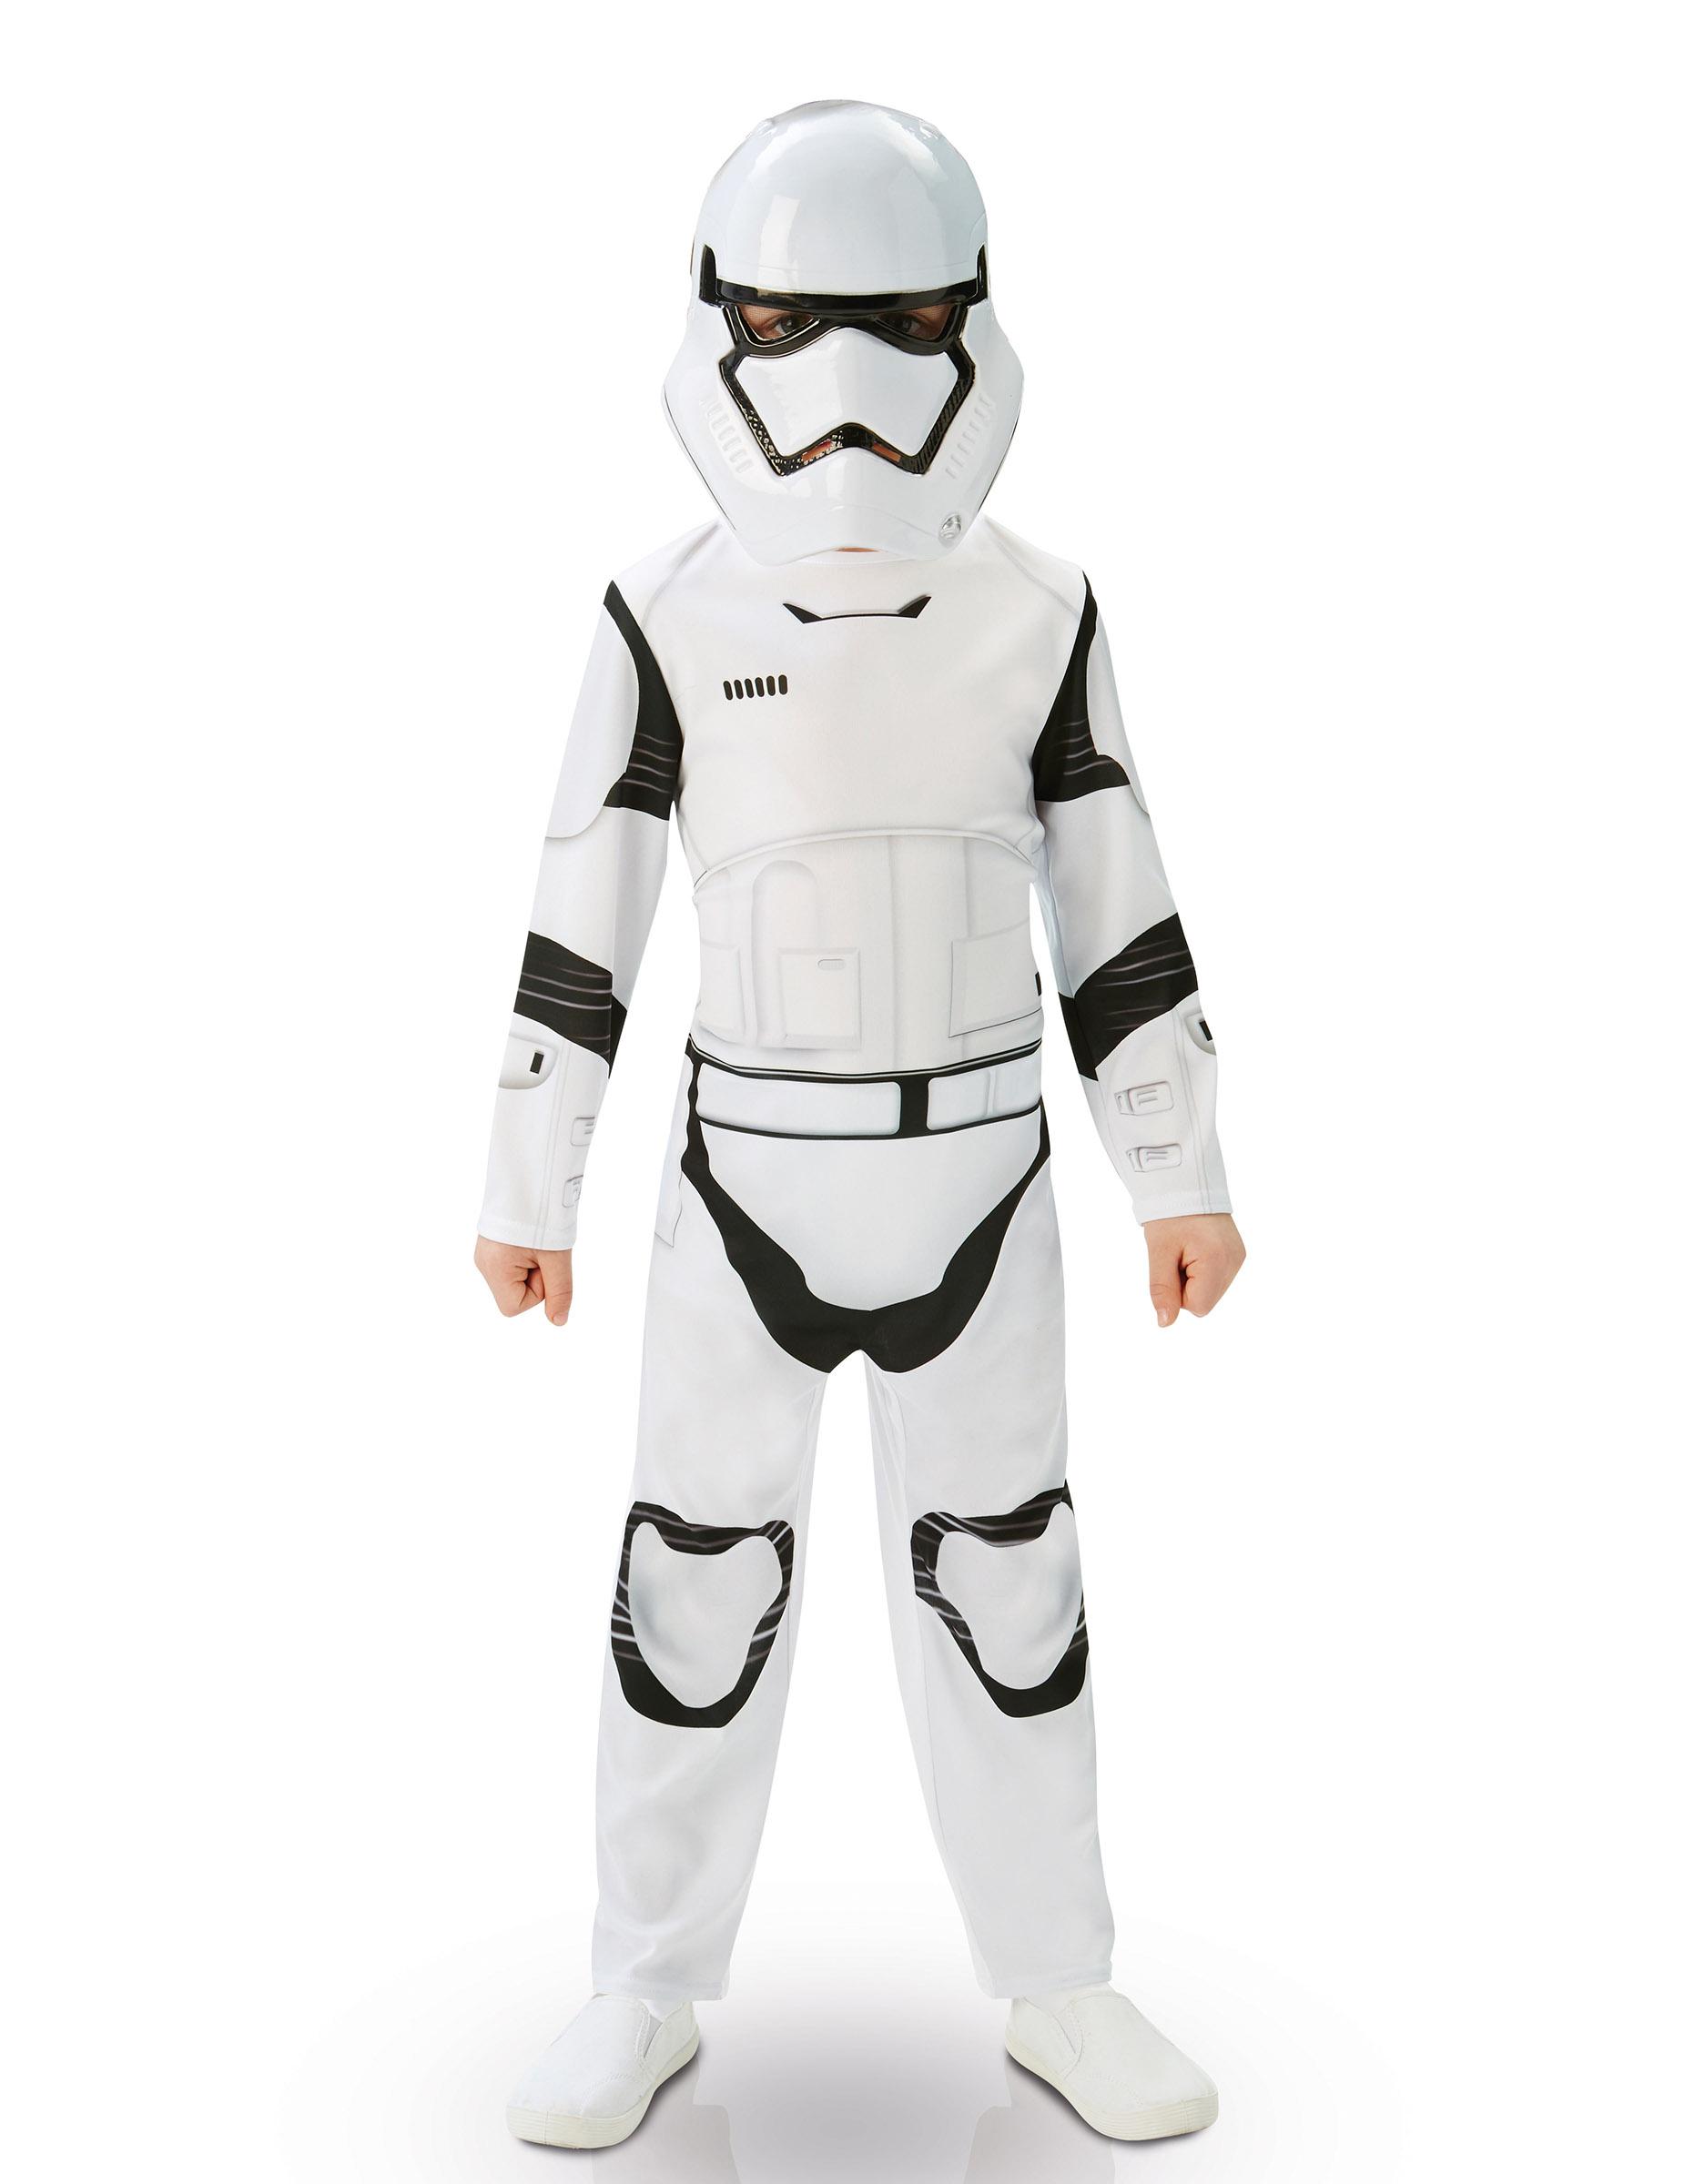 stormtrooper kost m star wars als overall f r kinder. Black Bedroom Furniture Sets. Home Design Ideas